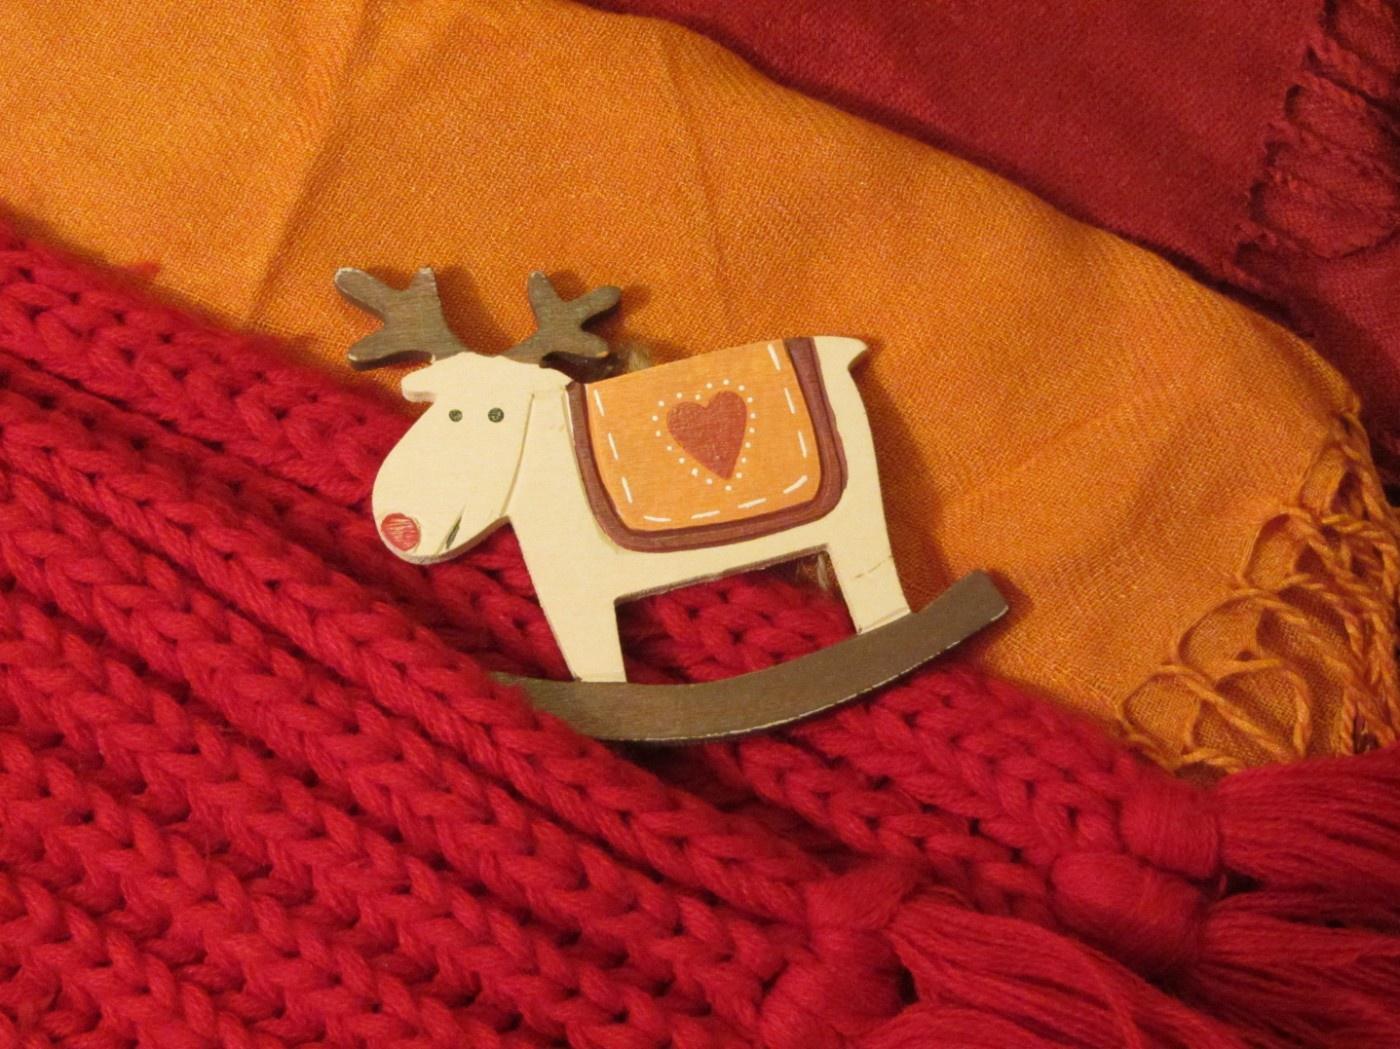 Bunte Schals und ein Rentier-Geschenksanhänger